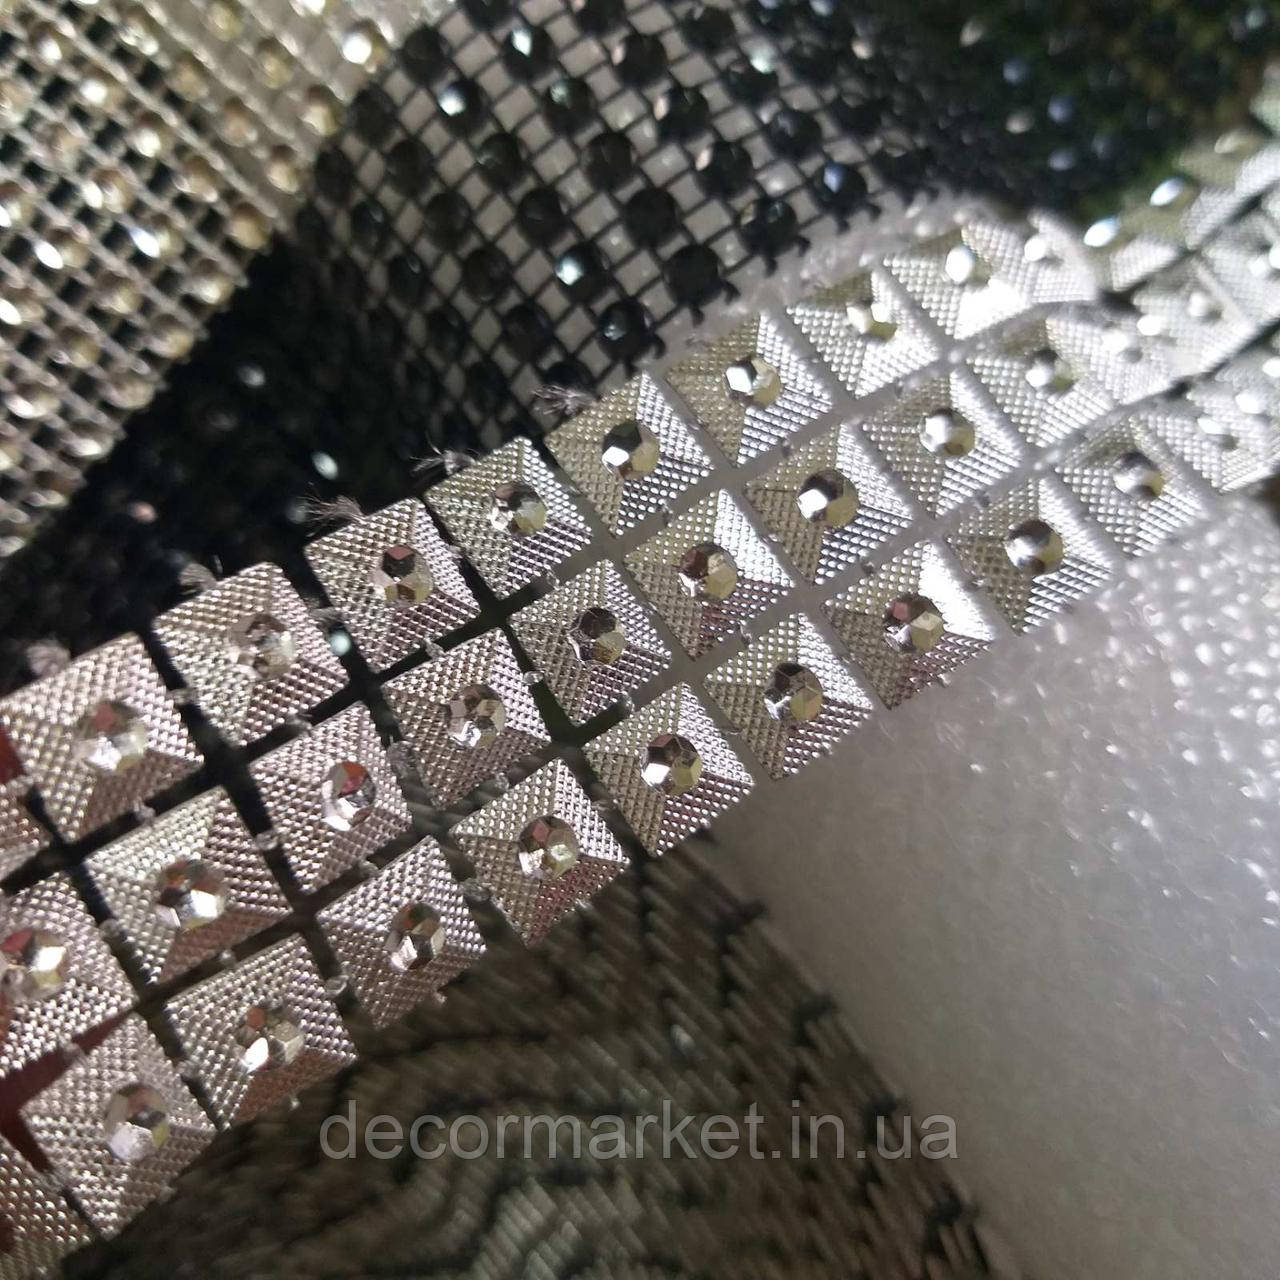 Лента стразовая 3 см серебро квадраты